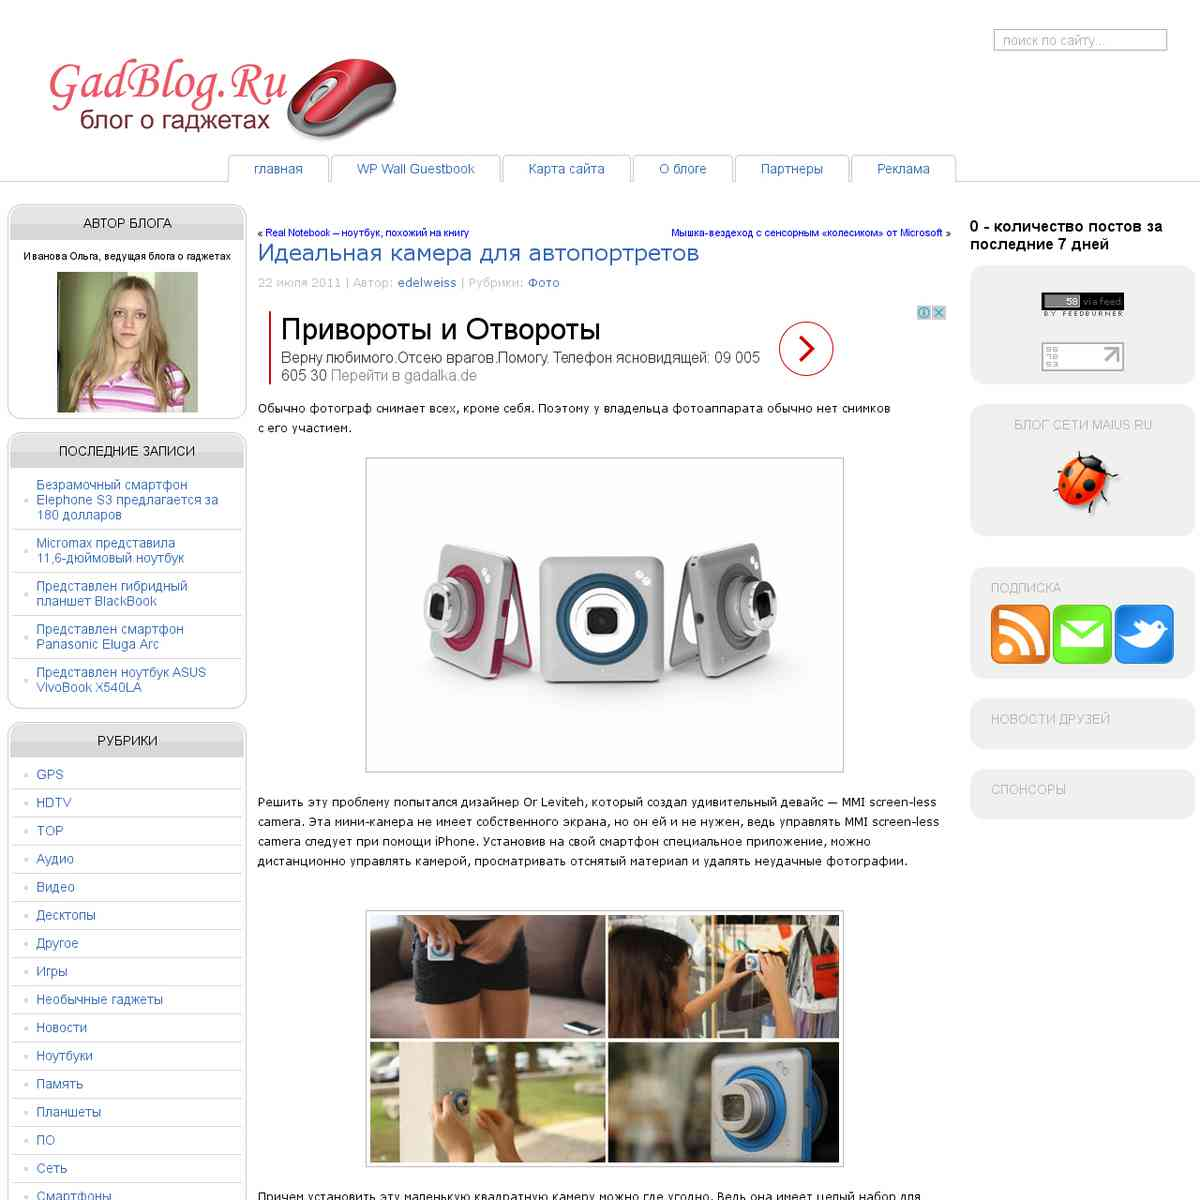 gadblog.ru/2011/07/idealnaya-kamera-dlya-avtoportretov/